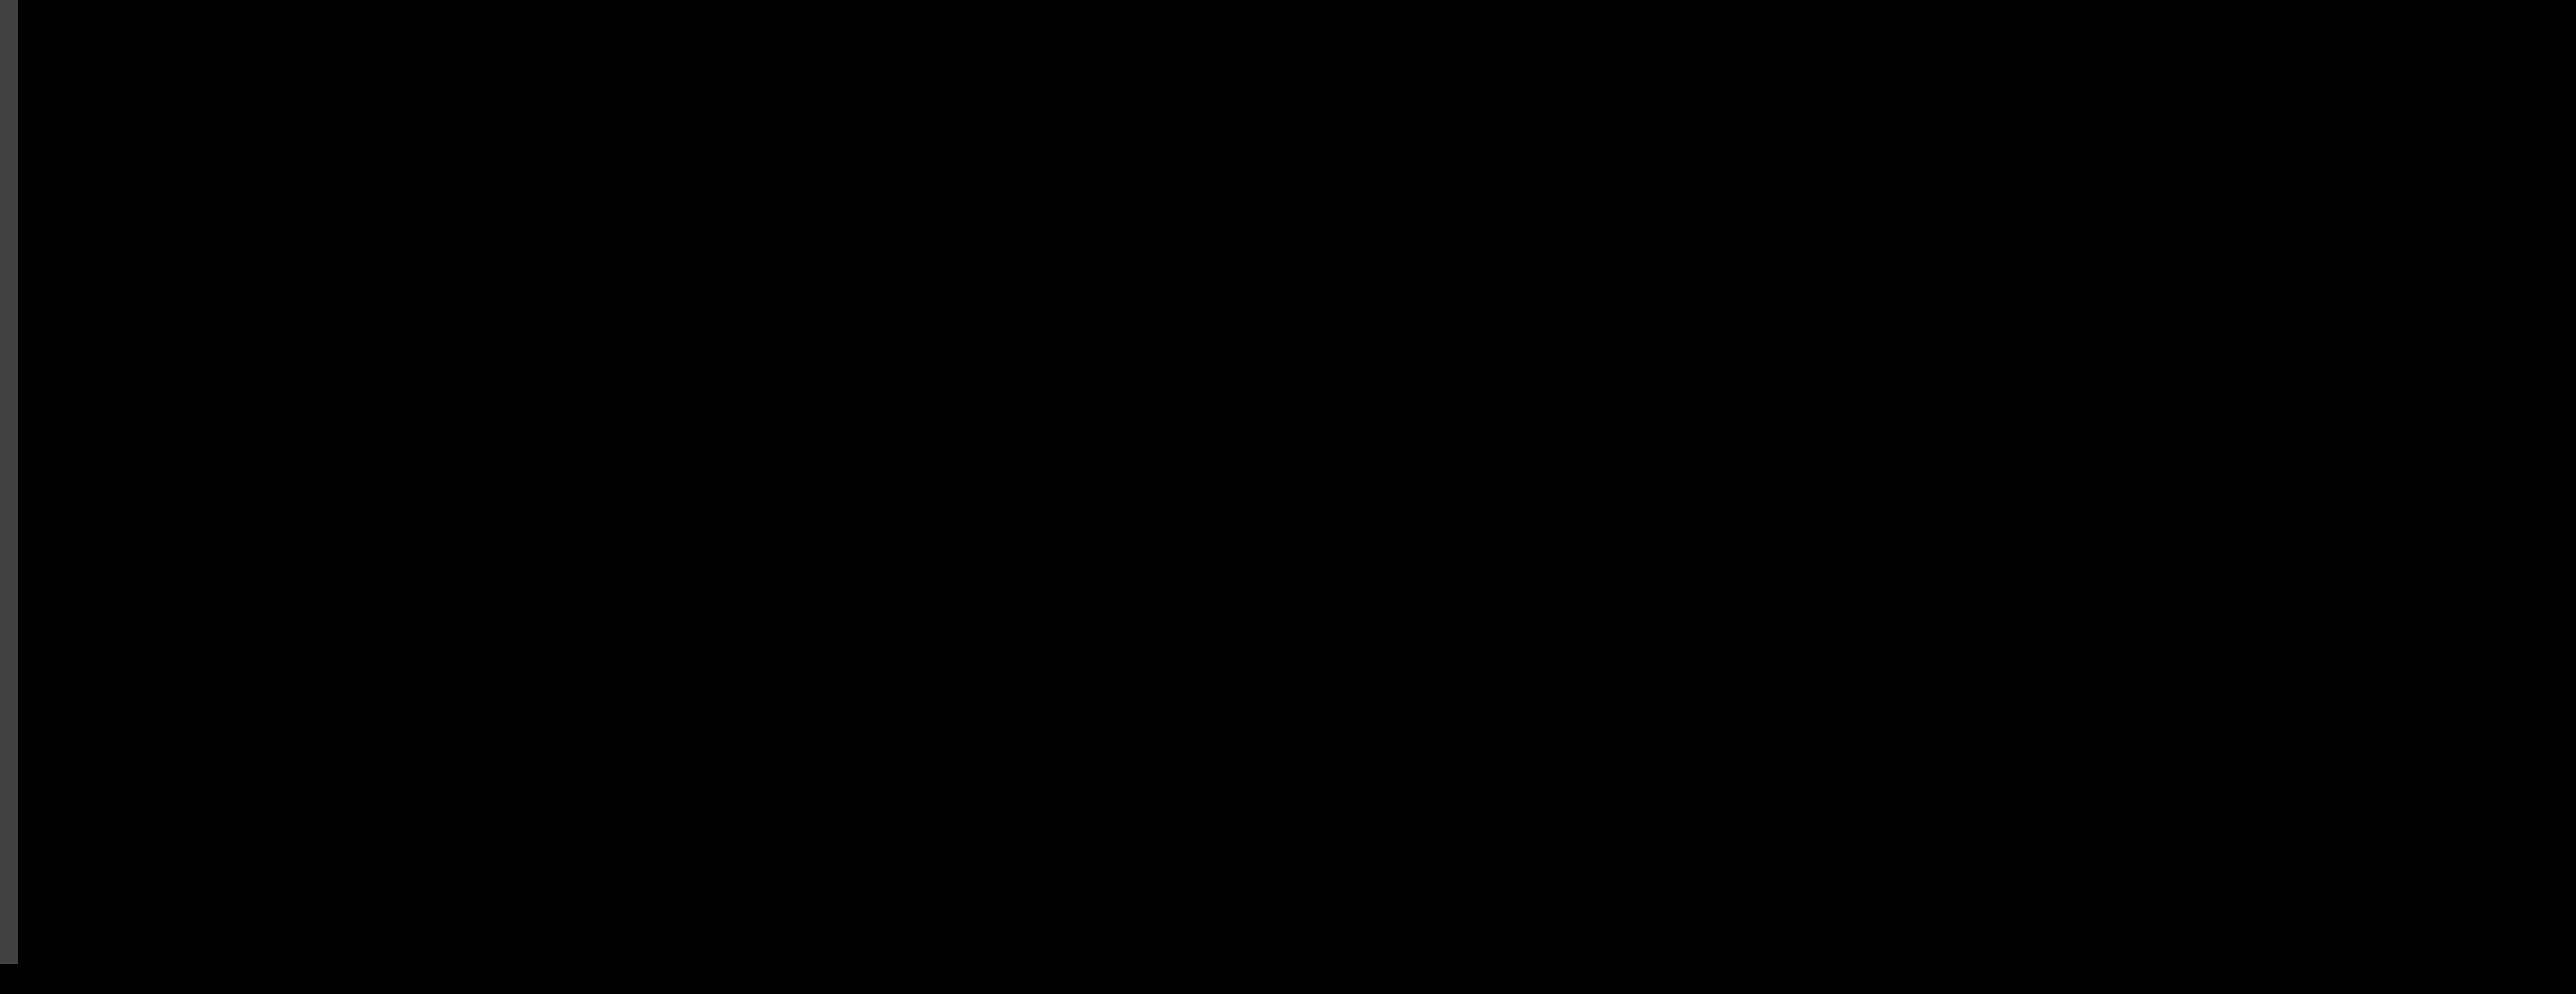 Permanent Representation of Scotland to the European Union Wordmark